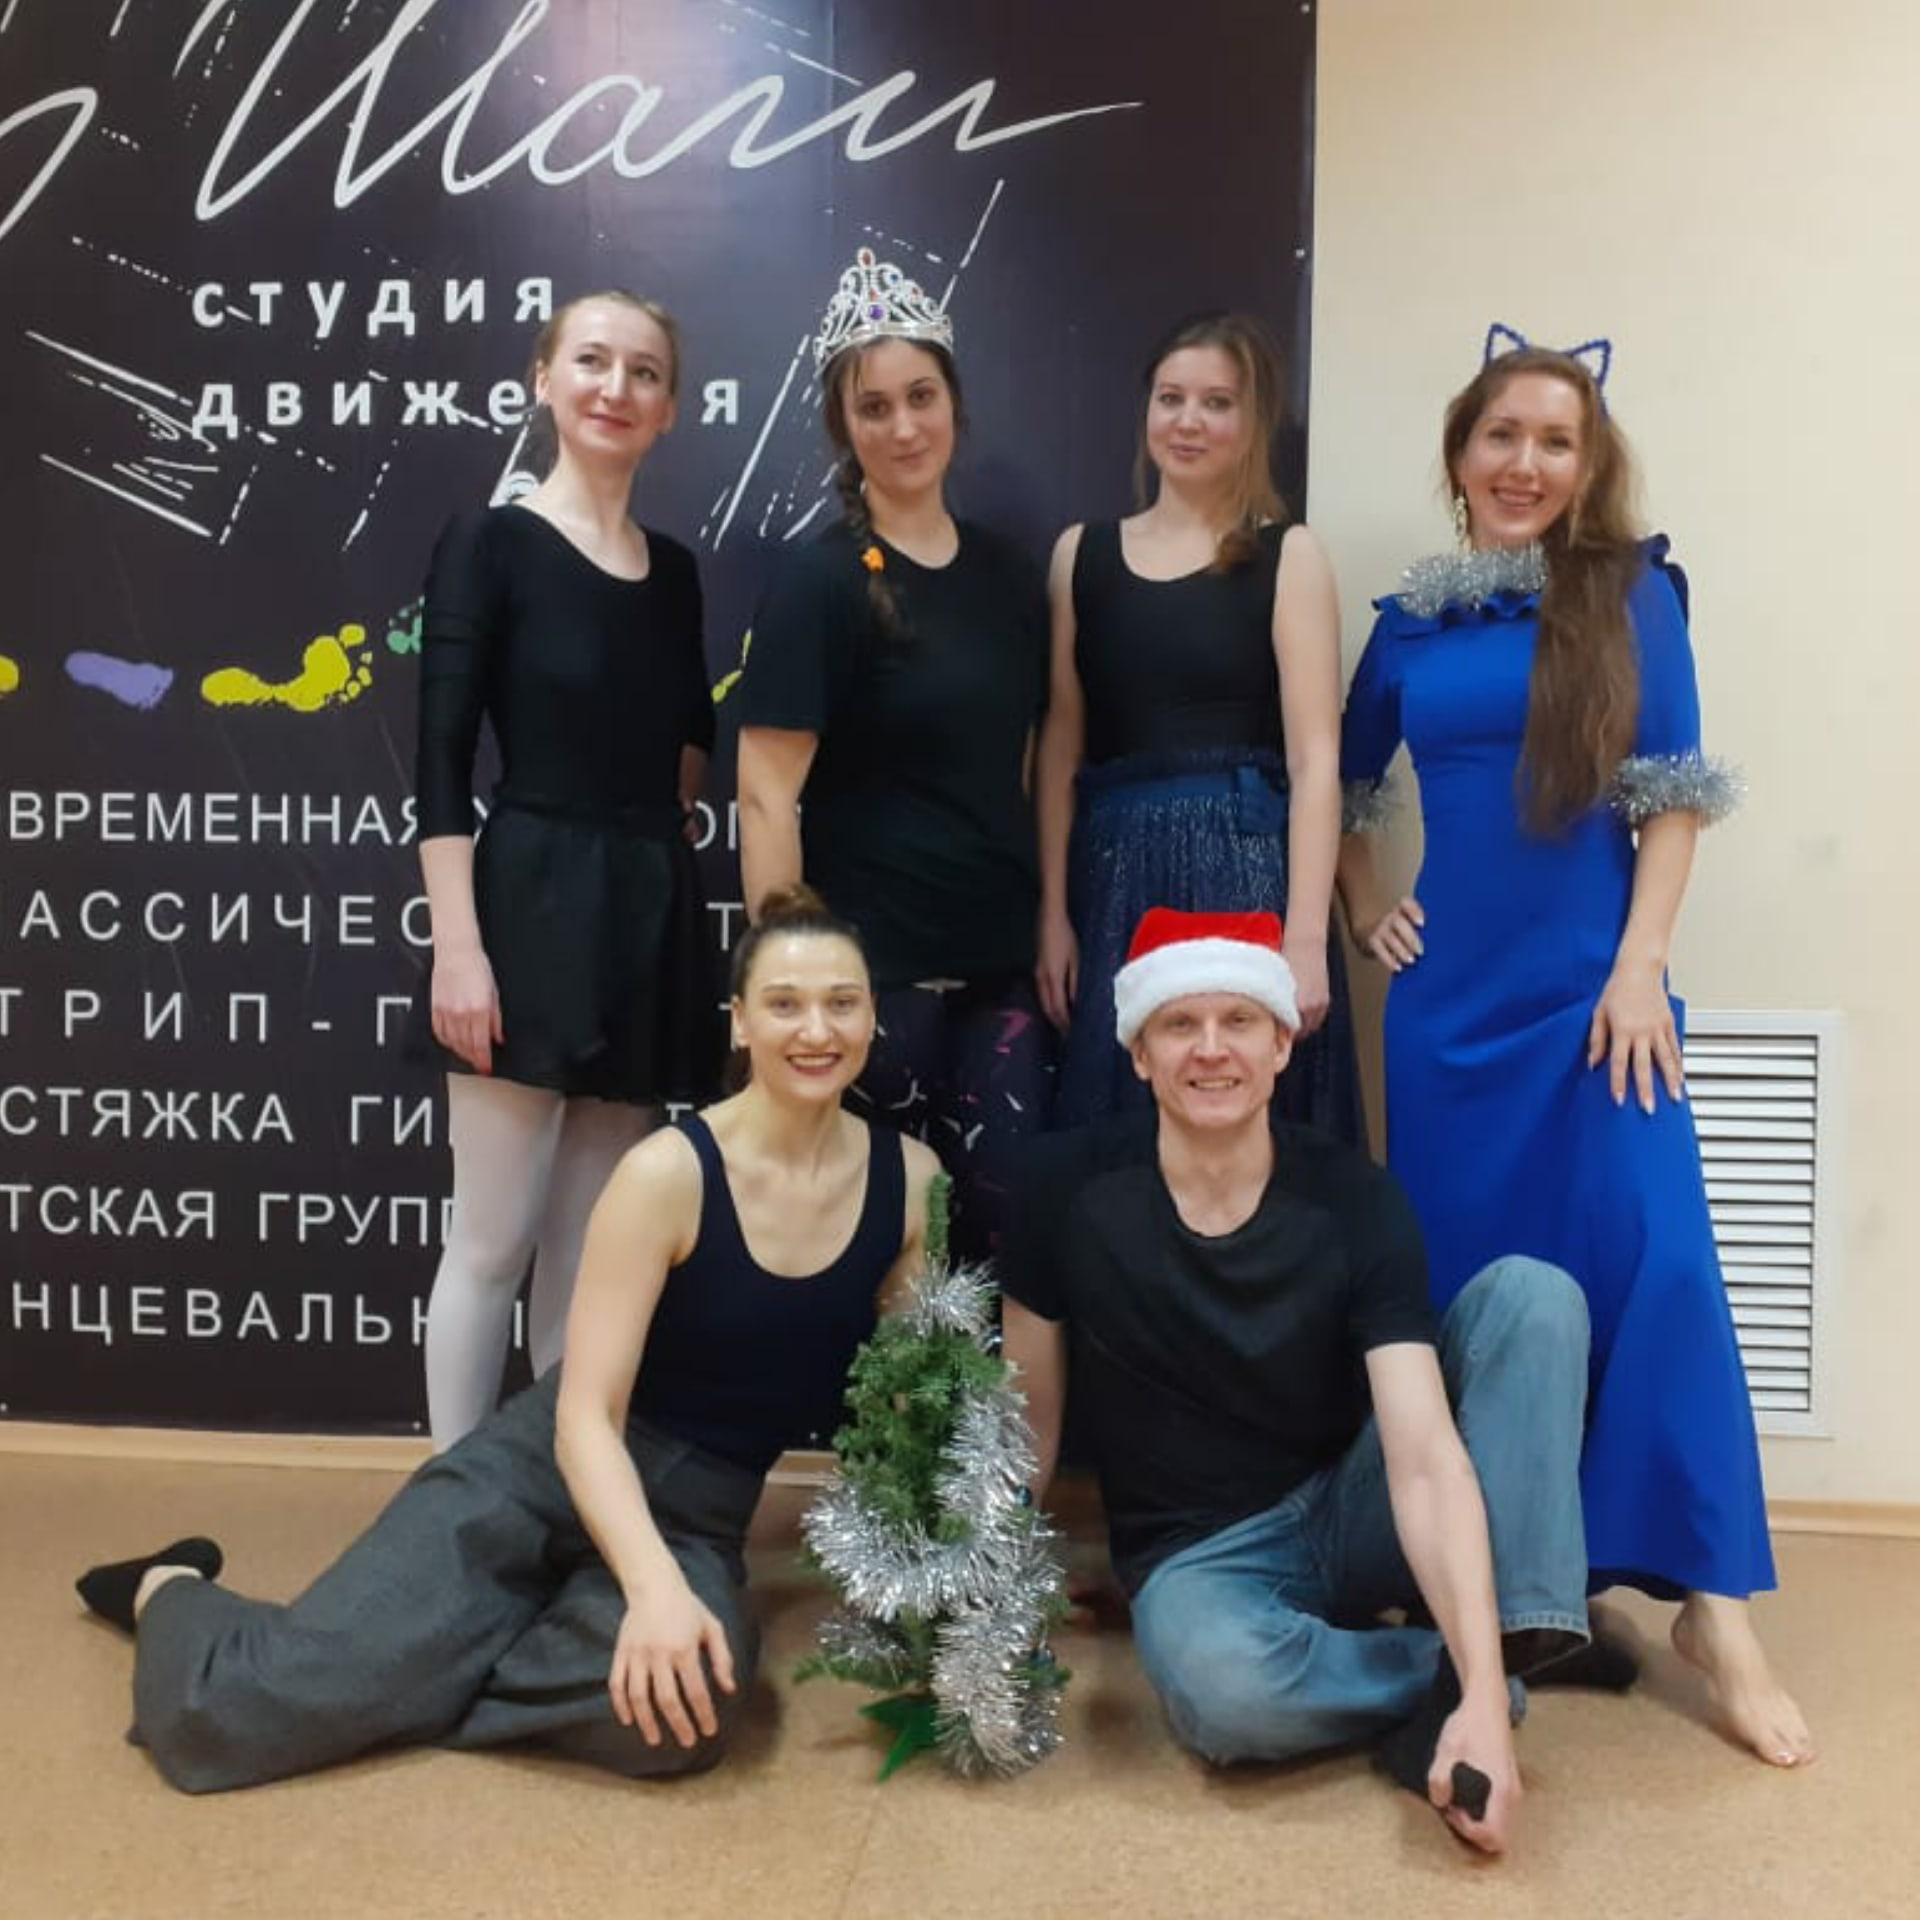 Всем Счастливого Рождества 🌟🌠❄❄❄☄